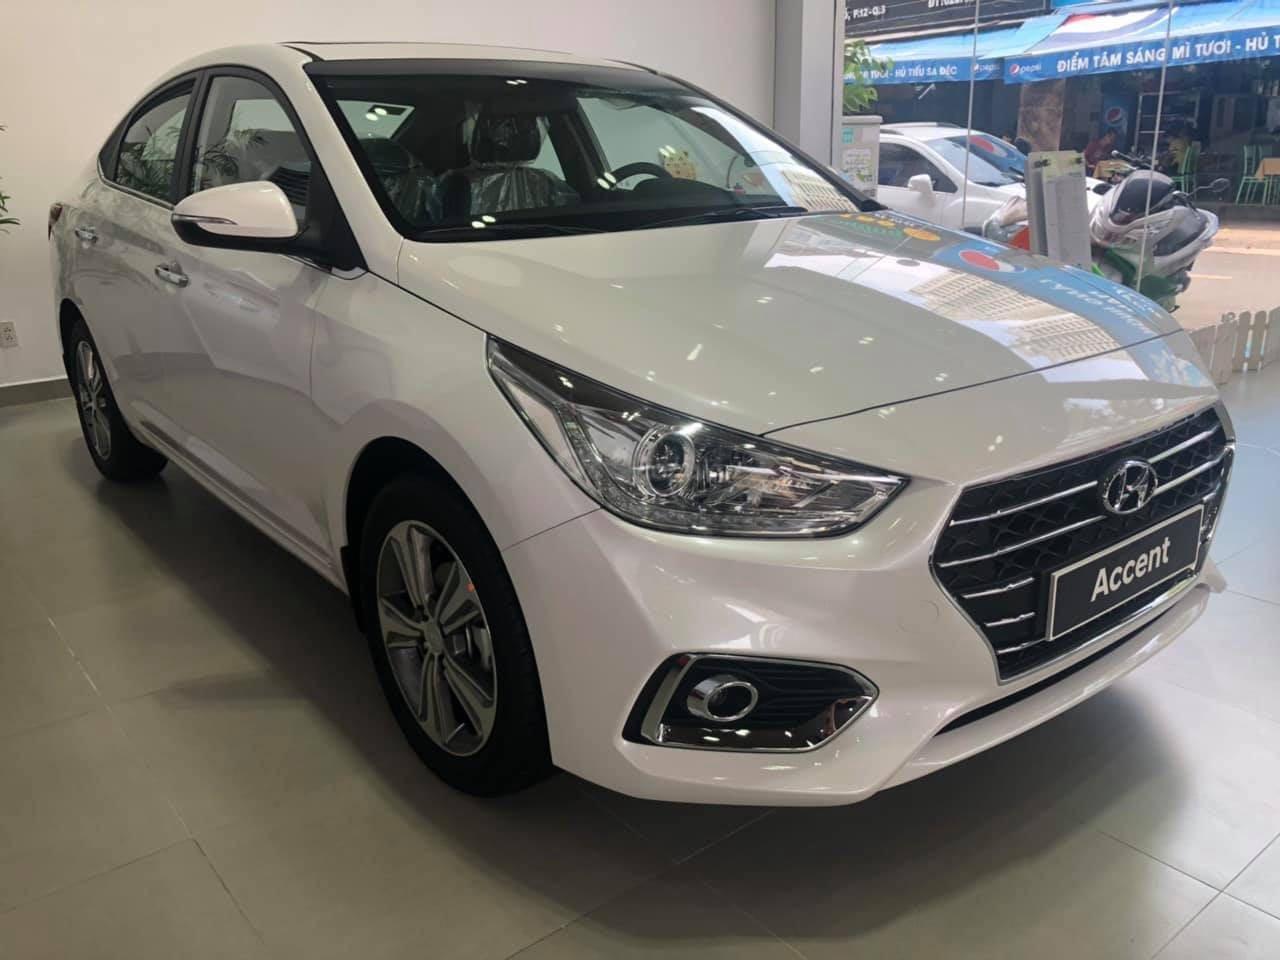 Cần bán Hyundai Accent đời 2019, màu trắng nhập khẩu, giá 430 triệu đồng (3)